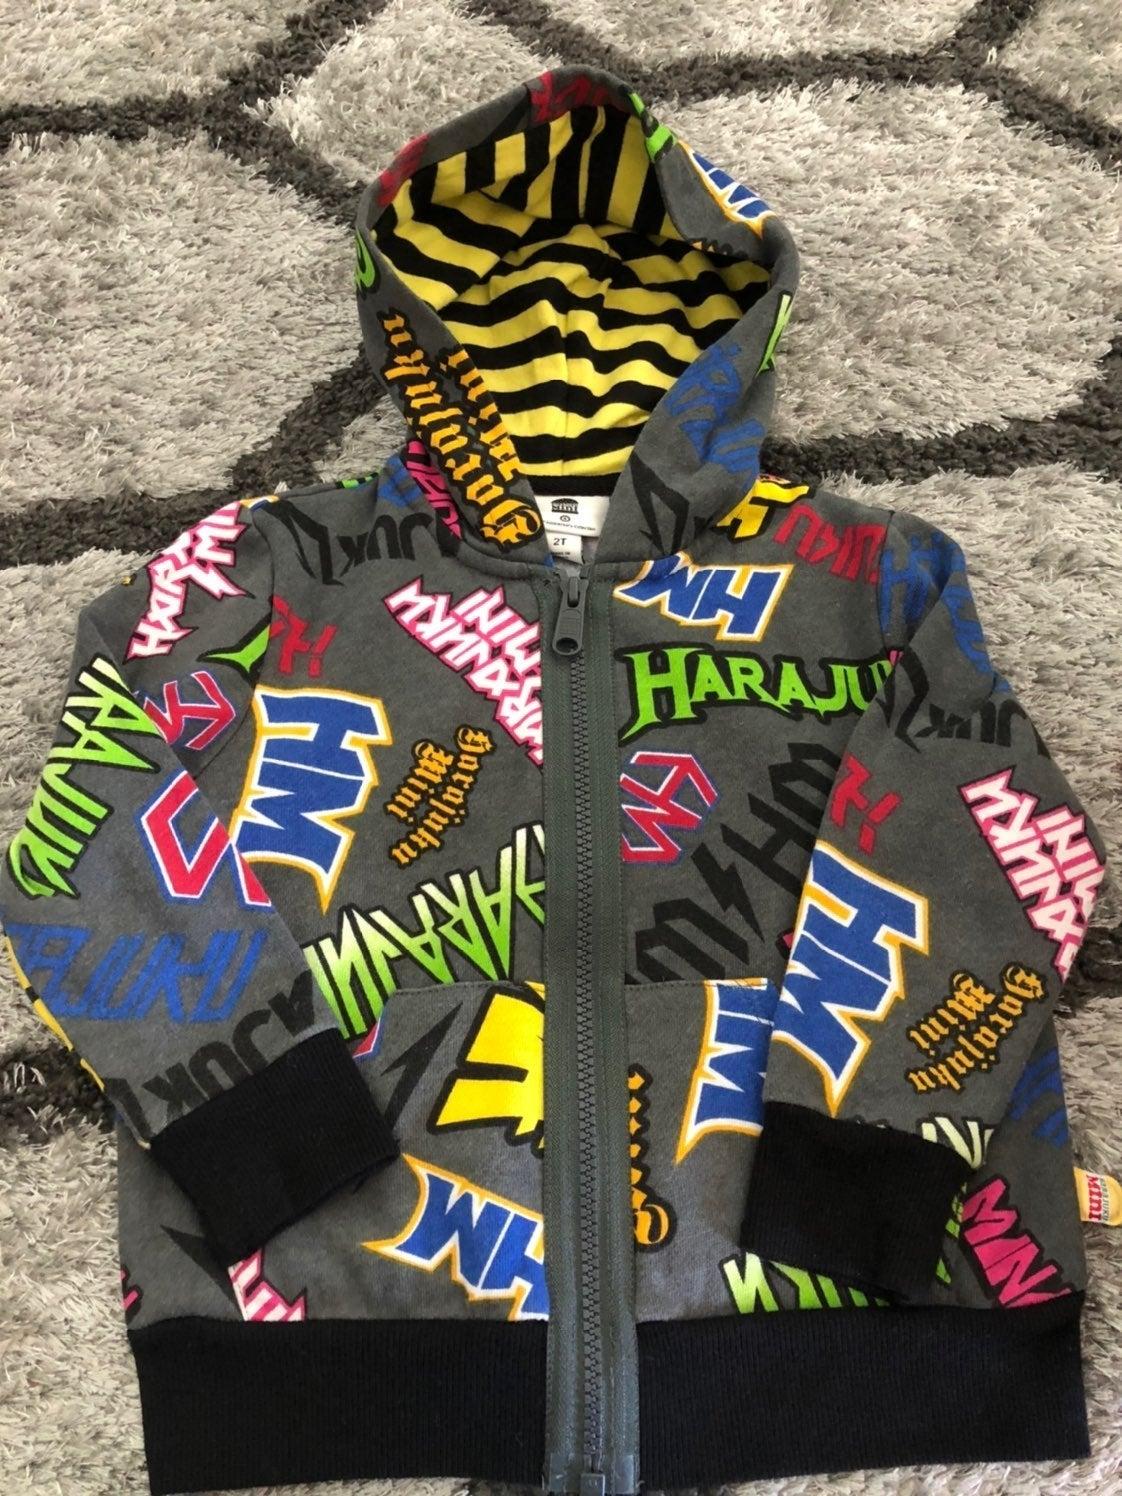 Harajuku Target Exclusive hoodie